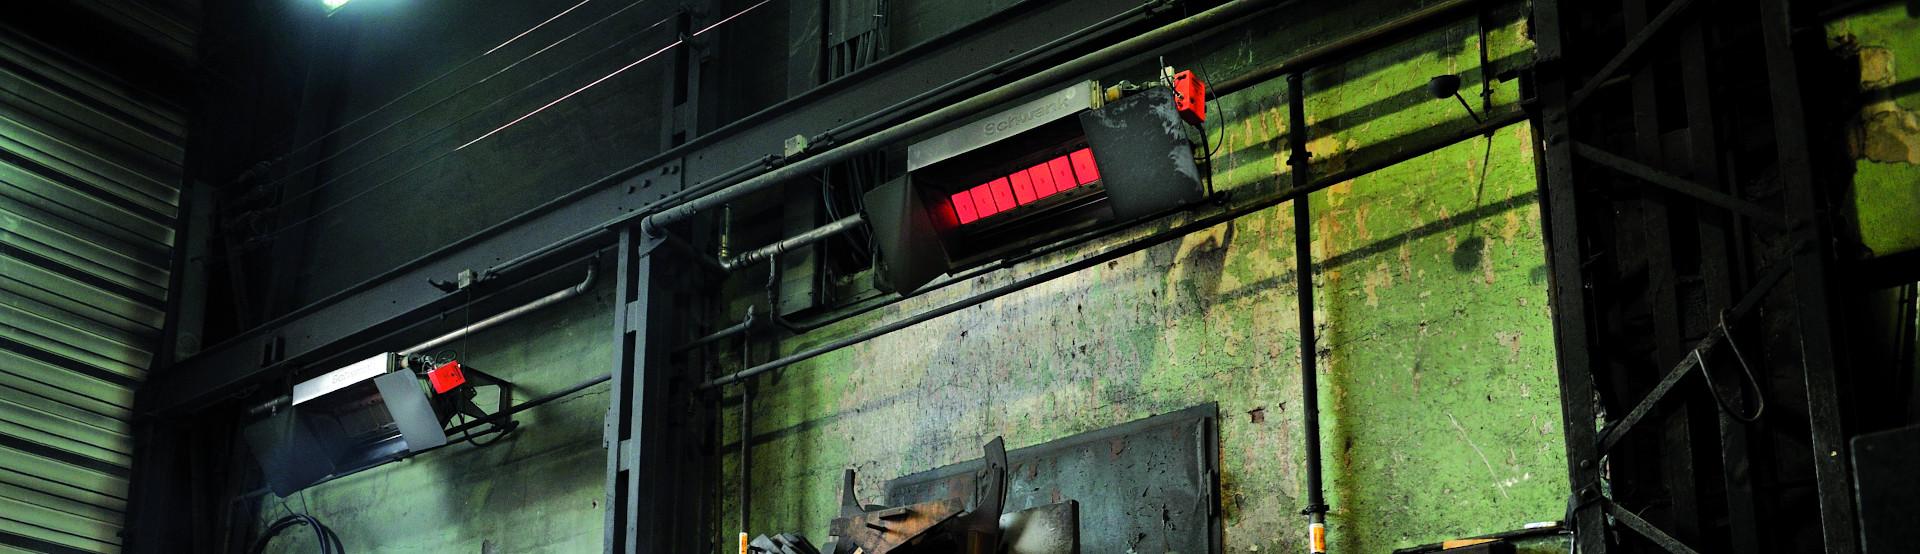 schwank-burners_infrarotheizungen